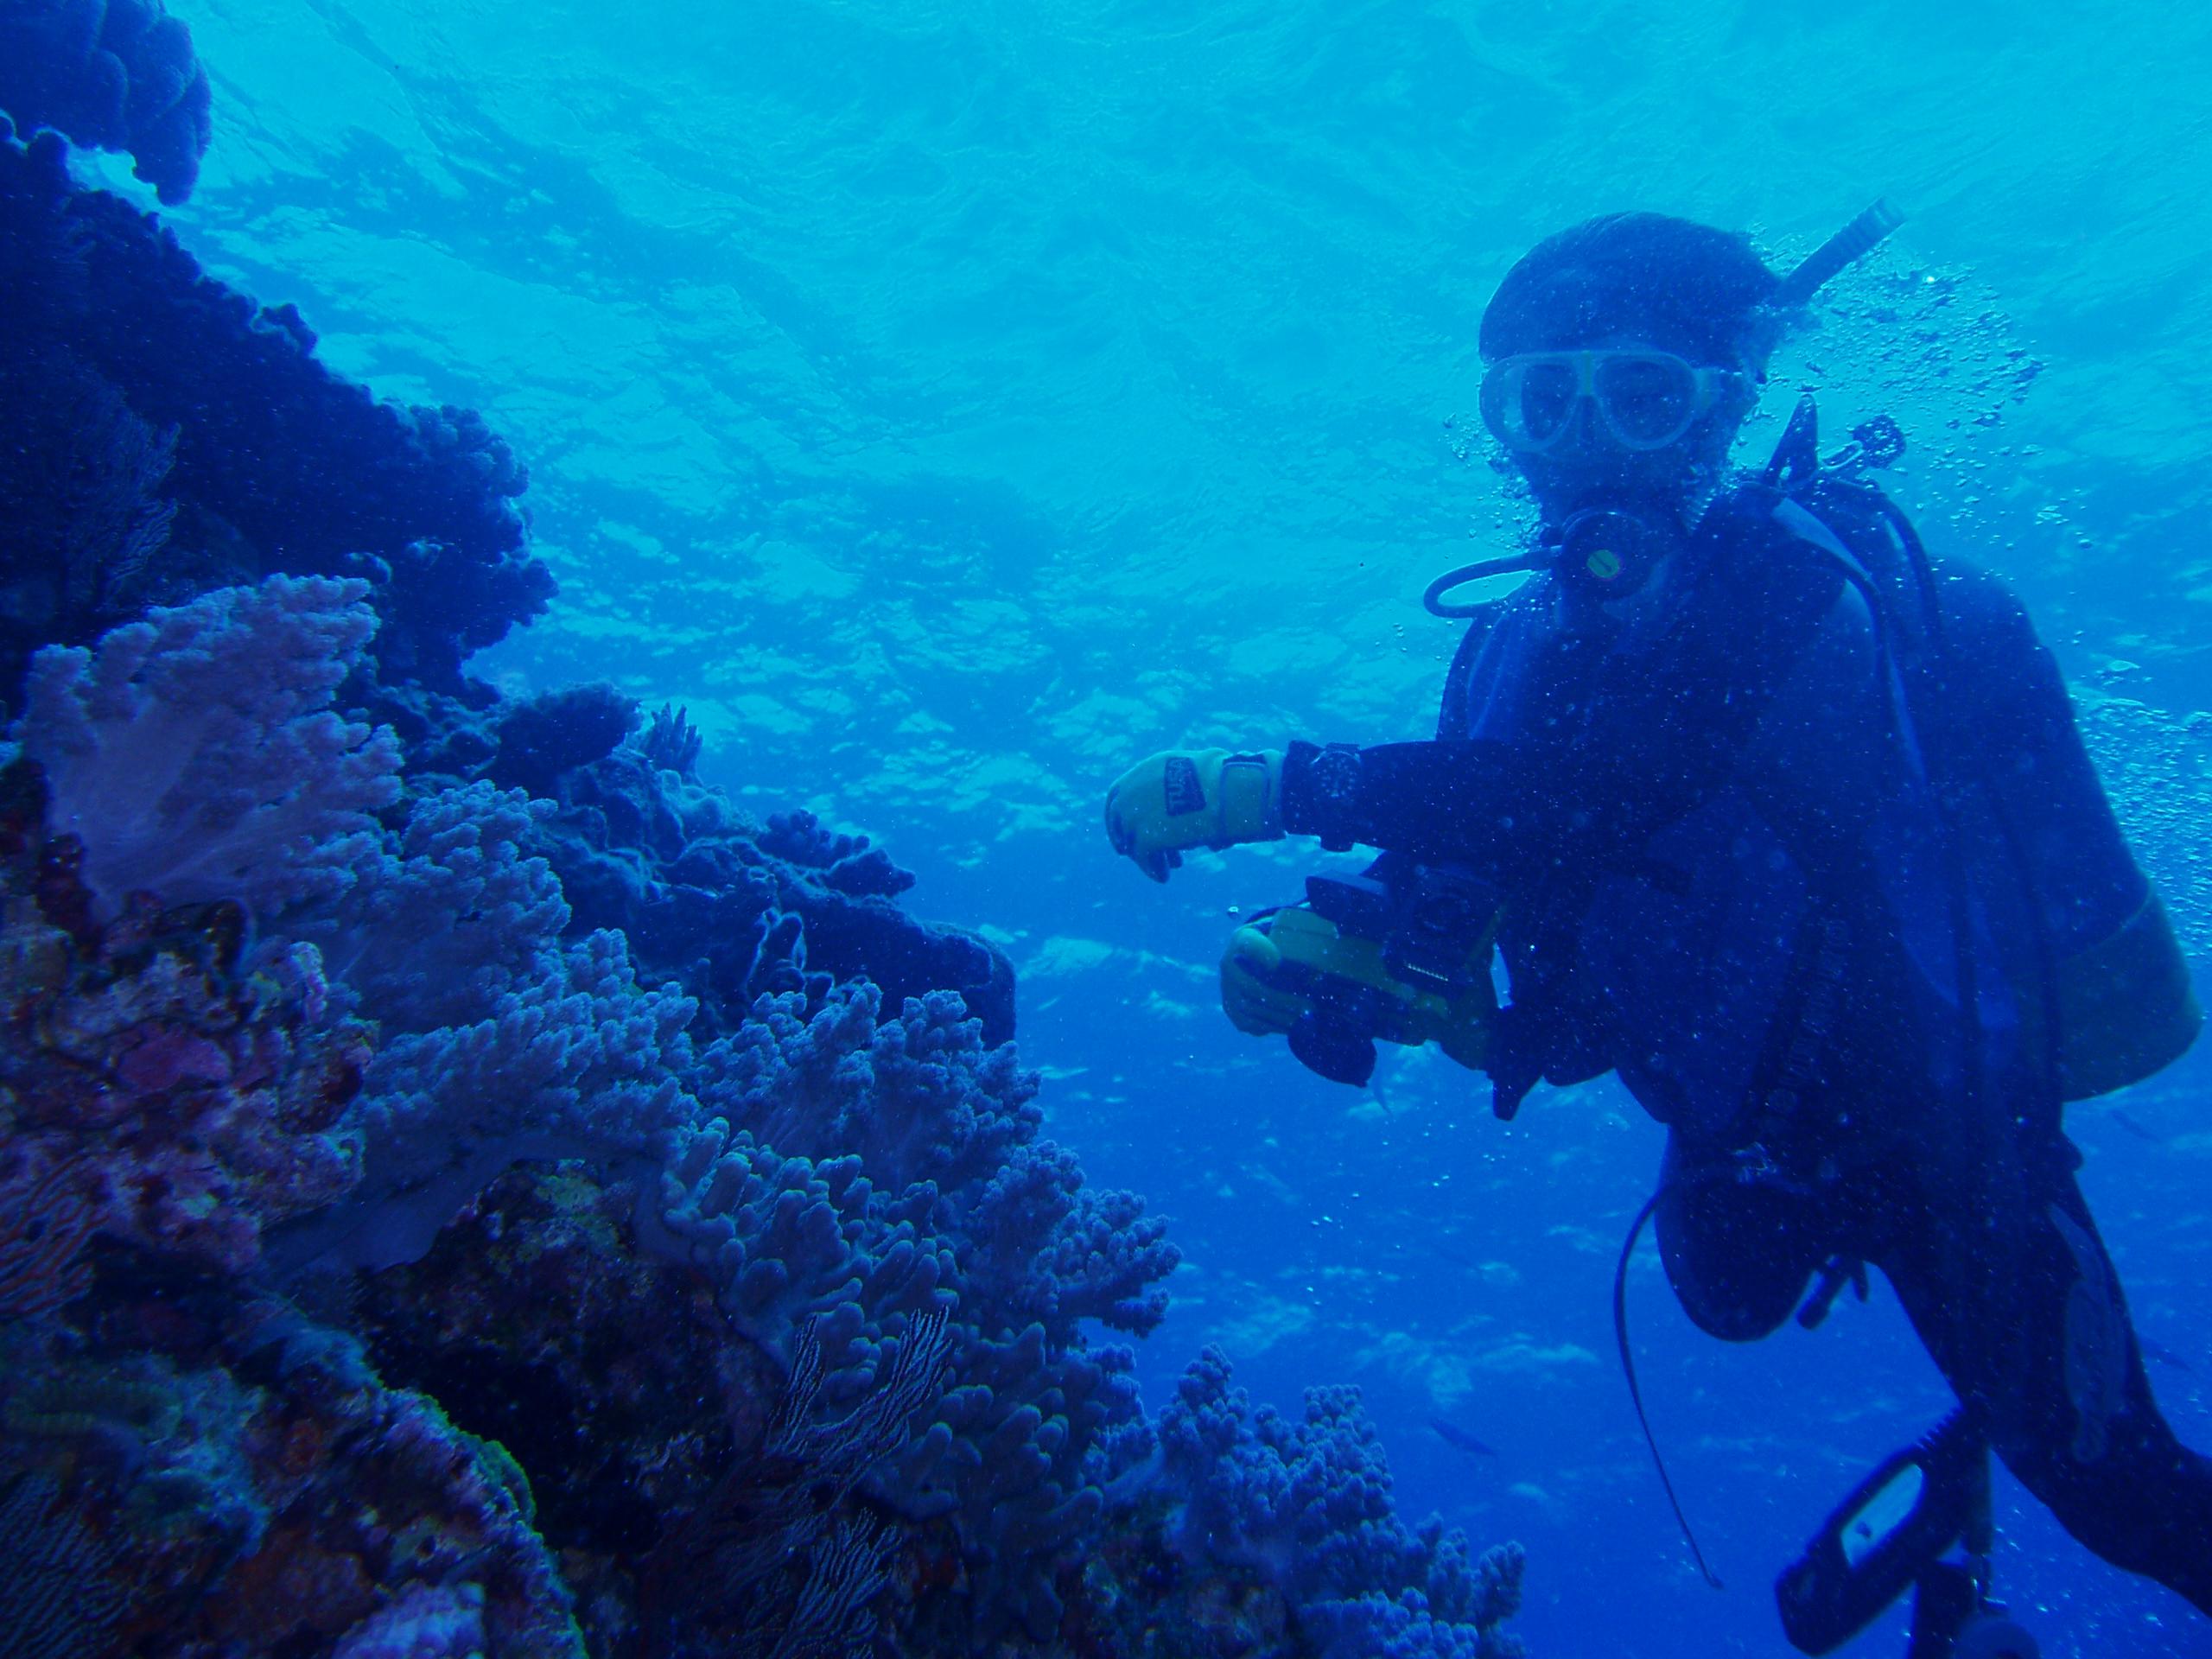 10月25日 ポイント1 ウフタマ ポイント2 平瀬 水温27℃ 透明度35m